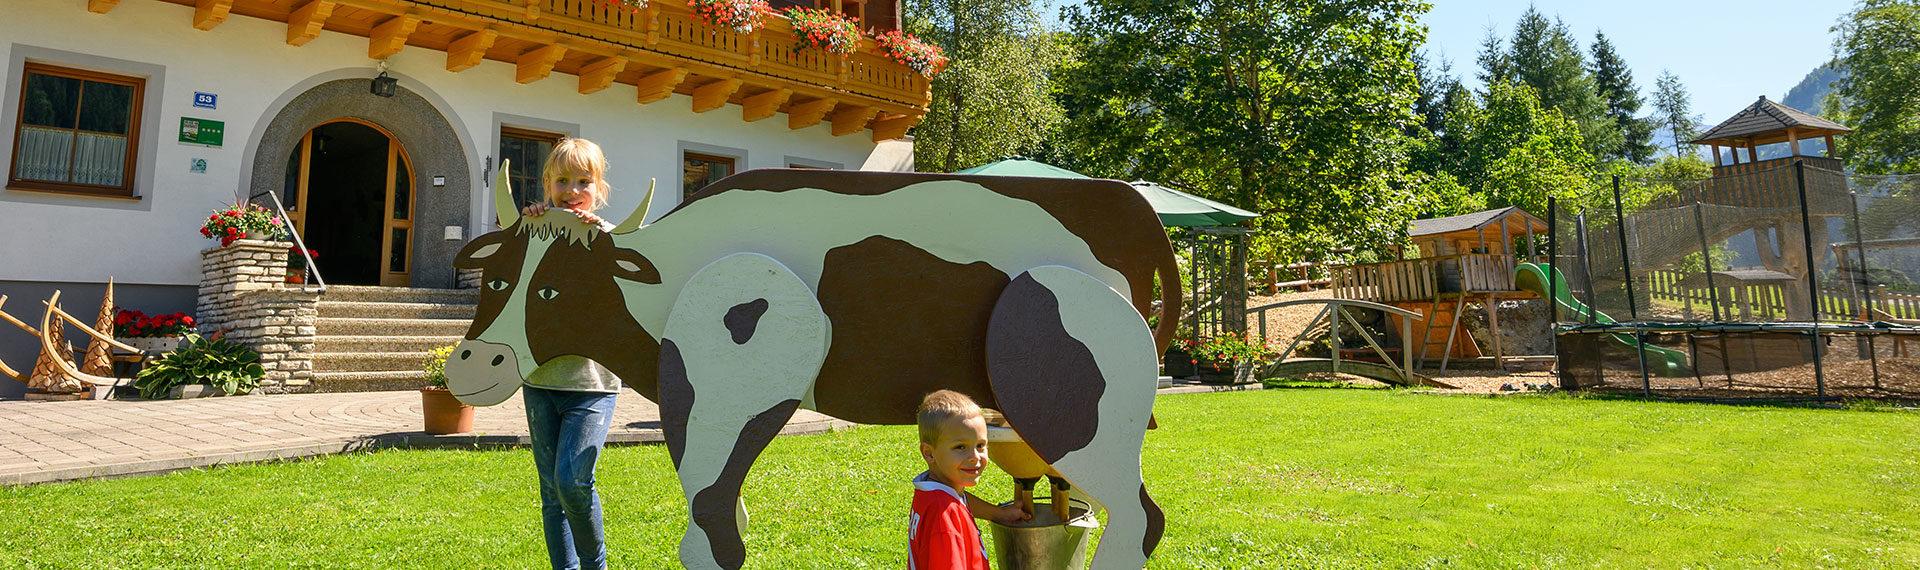 Familienurlaub Bauernhof Salzburger Land 3